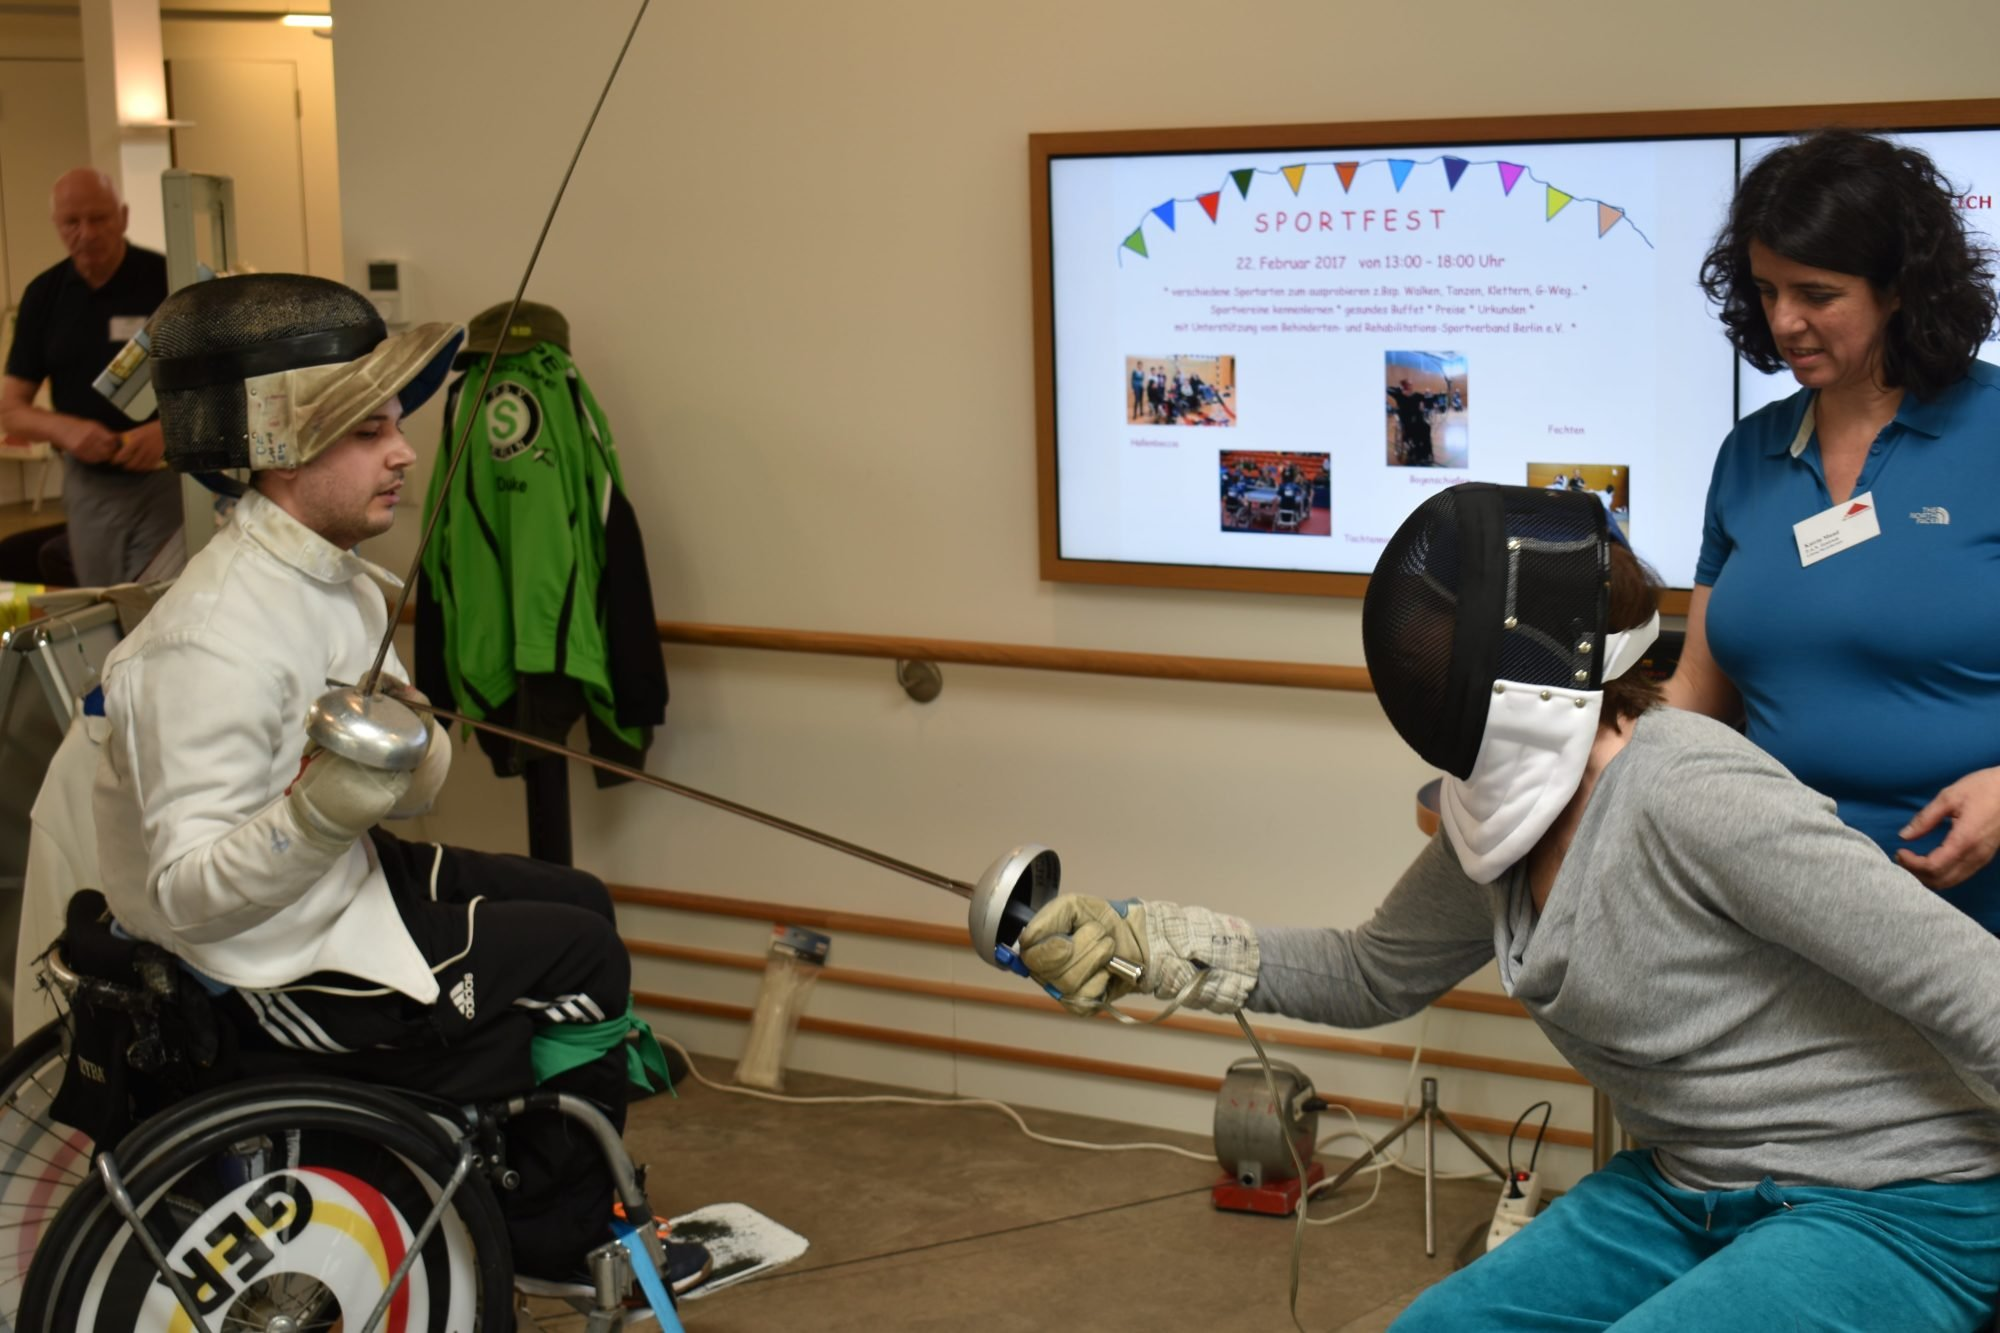 Das Bild zeigt einen Rollstuhlfechter und eine Rollstuhlfechterin beim 1. P.A.N. Sportfest 2017.